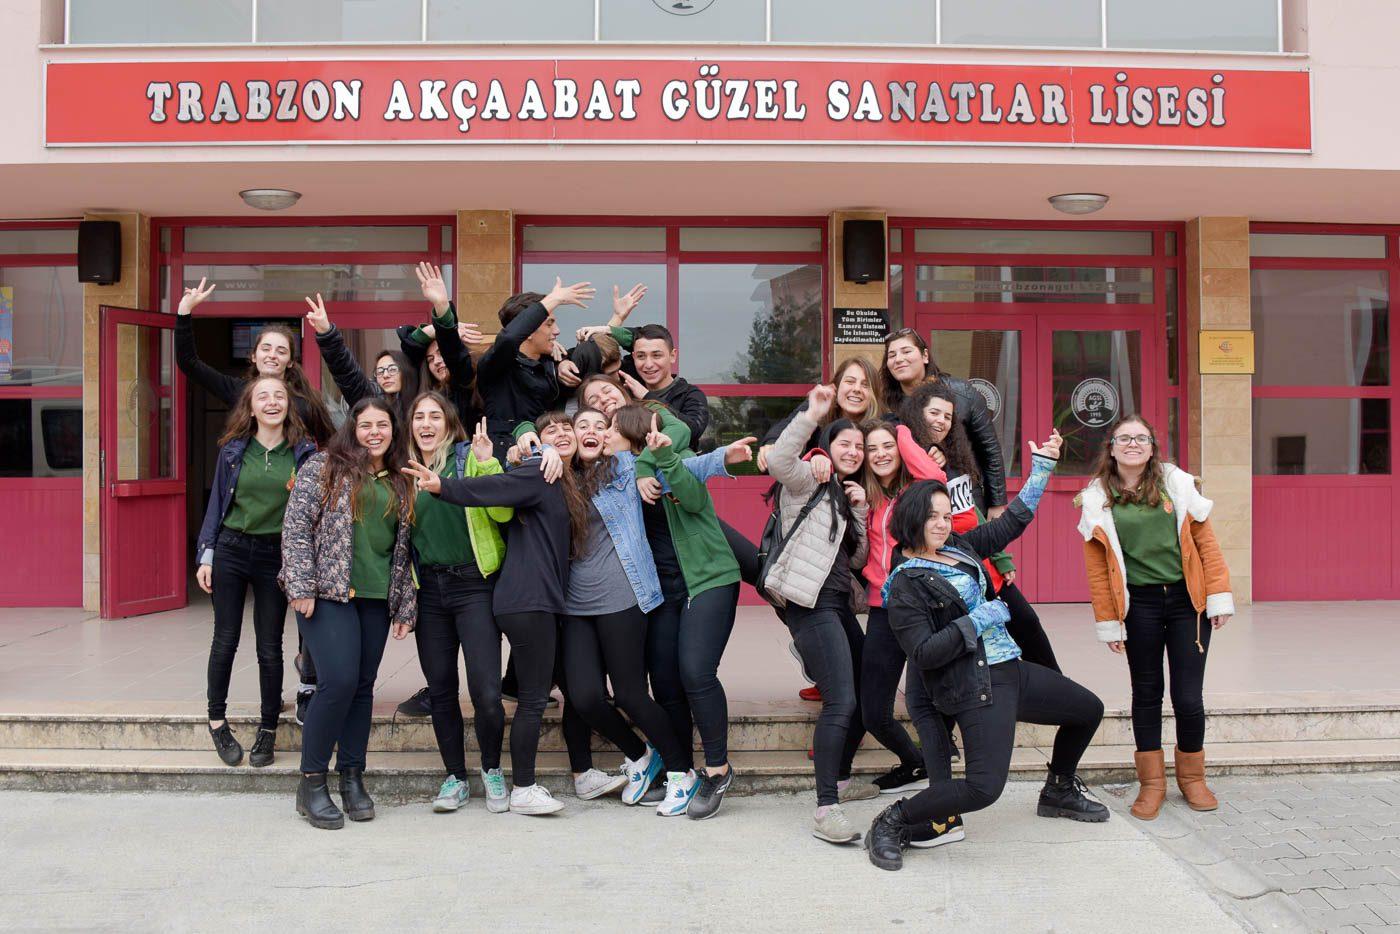 Trabzon Akçaabat Güzel Sanatlar Lisesi, mezuniyet, trabzon